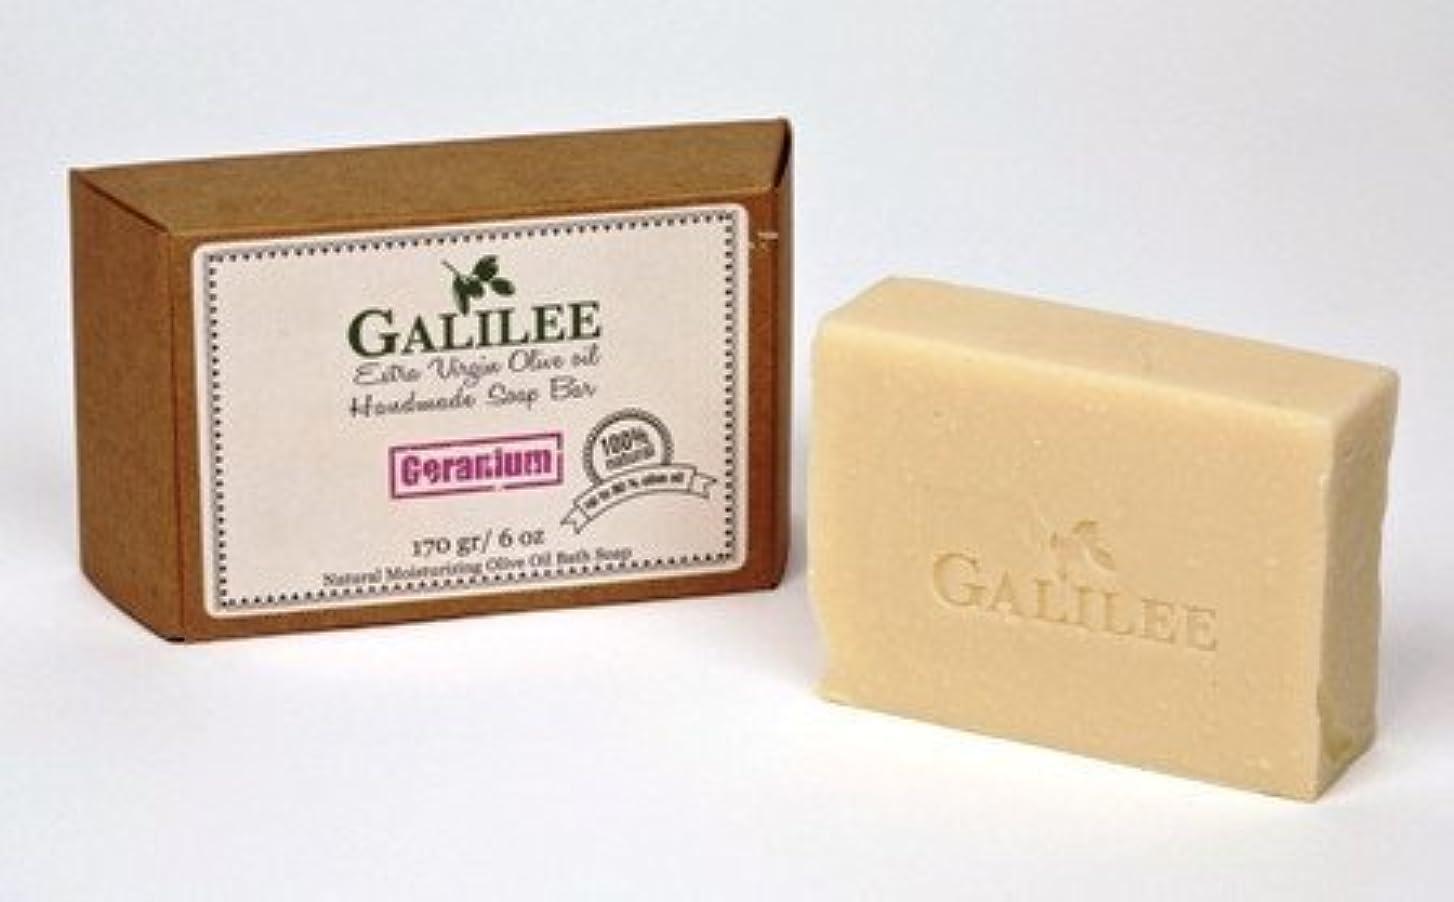 十分貴重な伝導Galilee Magic ガリラヤオリーブオイルソープバー 3.5oz レモングラスオリーブオイル